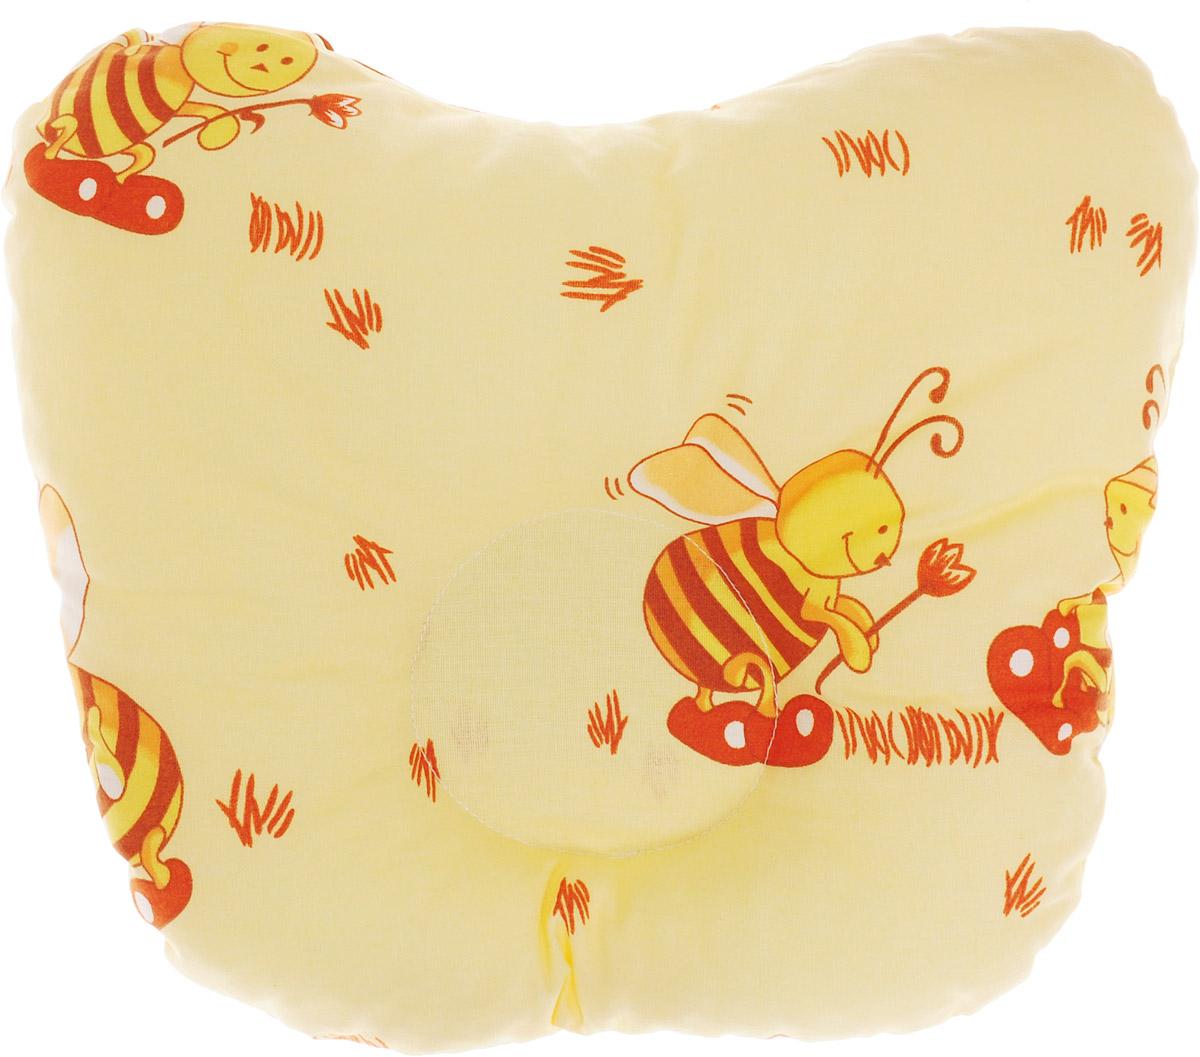 Сонный гномик Подушка анатомическая для младенцев Пчелы 27 х 27 см555А_желтый, пчелыАнатомическая подушка для младенцев Сонный гномик Пчелы изготовлена из бязи - 100% хлопка. Наполнитель - синтепон в гранулах (100% полиэстер).Подушка компактна и удобна для пеленания малыша и кормления на руках, она также незаменима для сна ребенка в кроватке и комфортна для использования в коляске на прогулке. Углубление в подушке фиксирует правильное положение головы ребенка.Подушка помогает правильному формированию шейного отдела позвоночника.